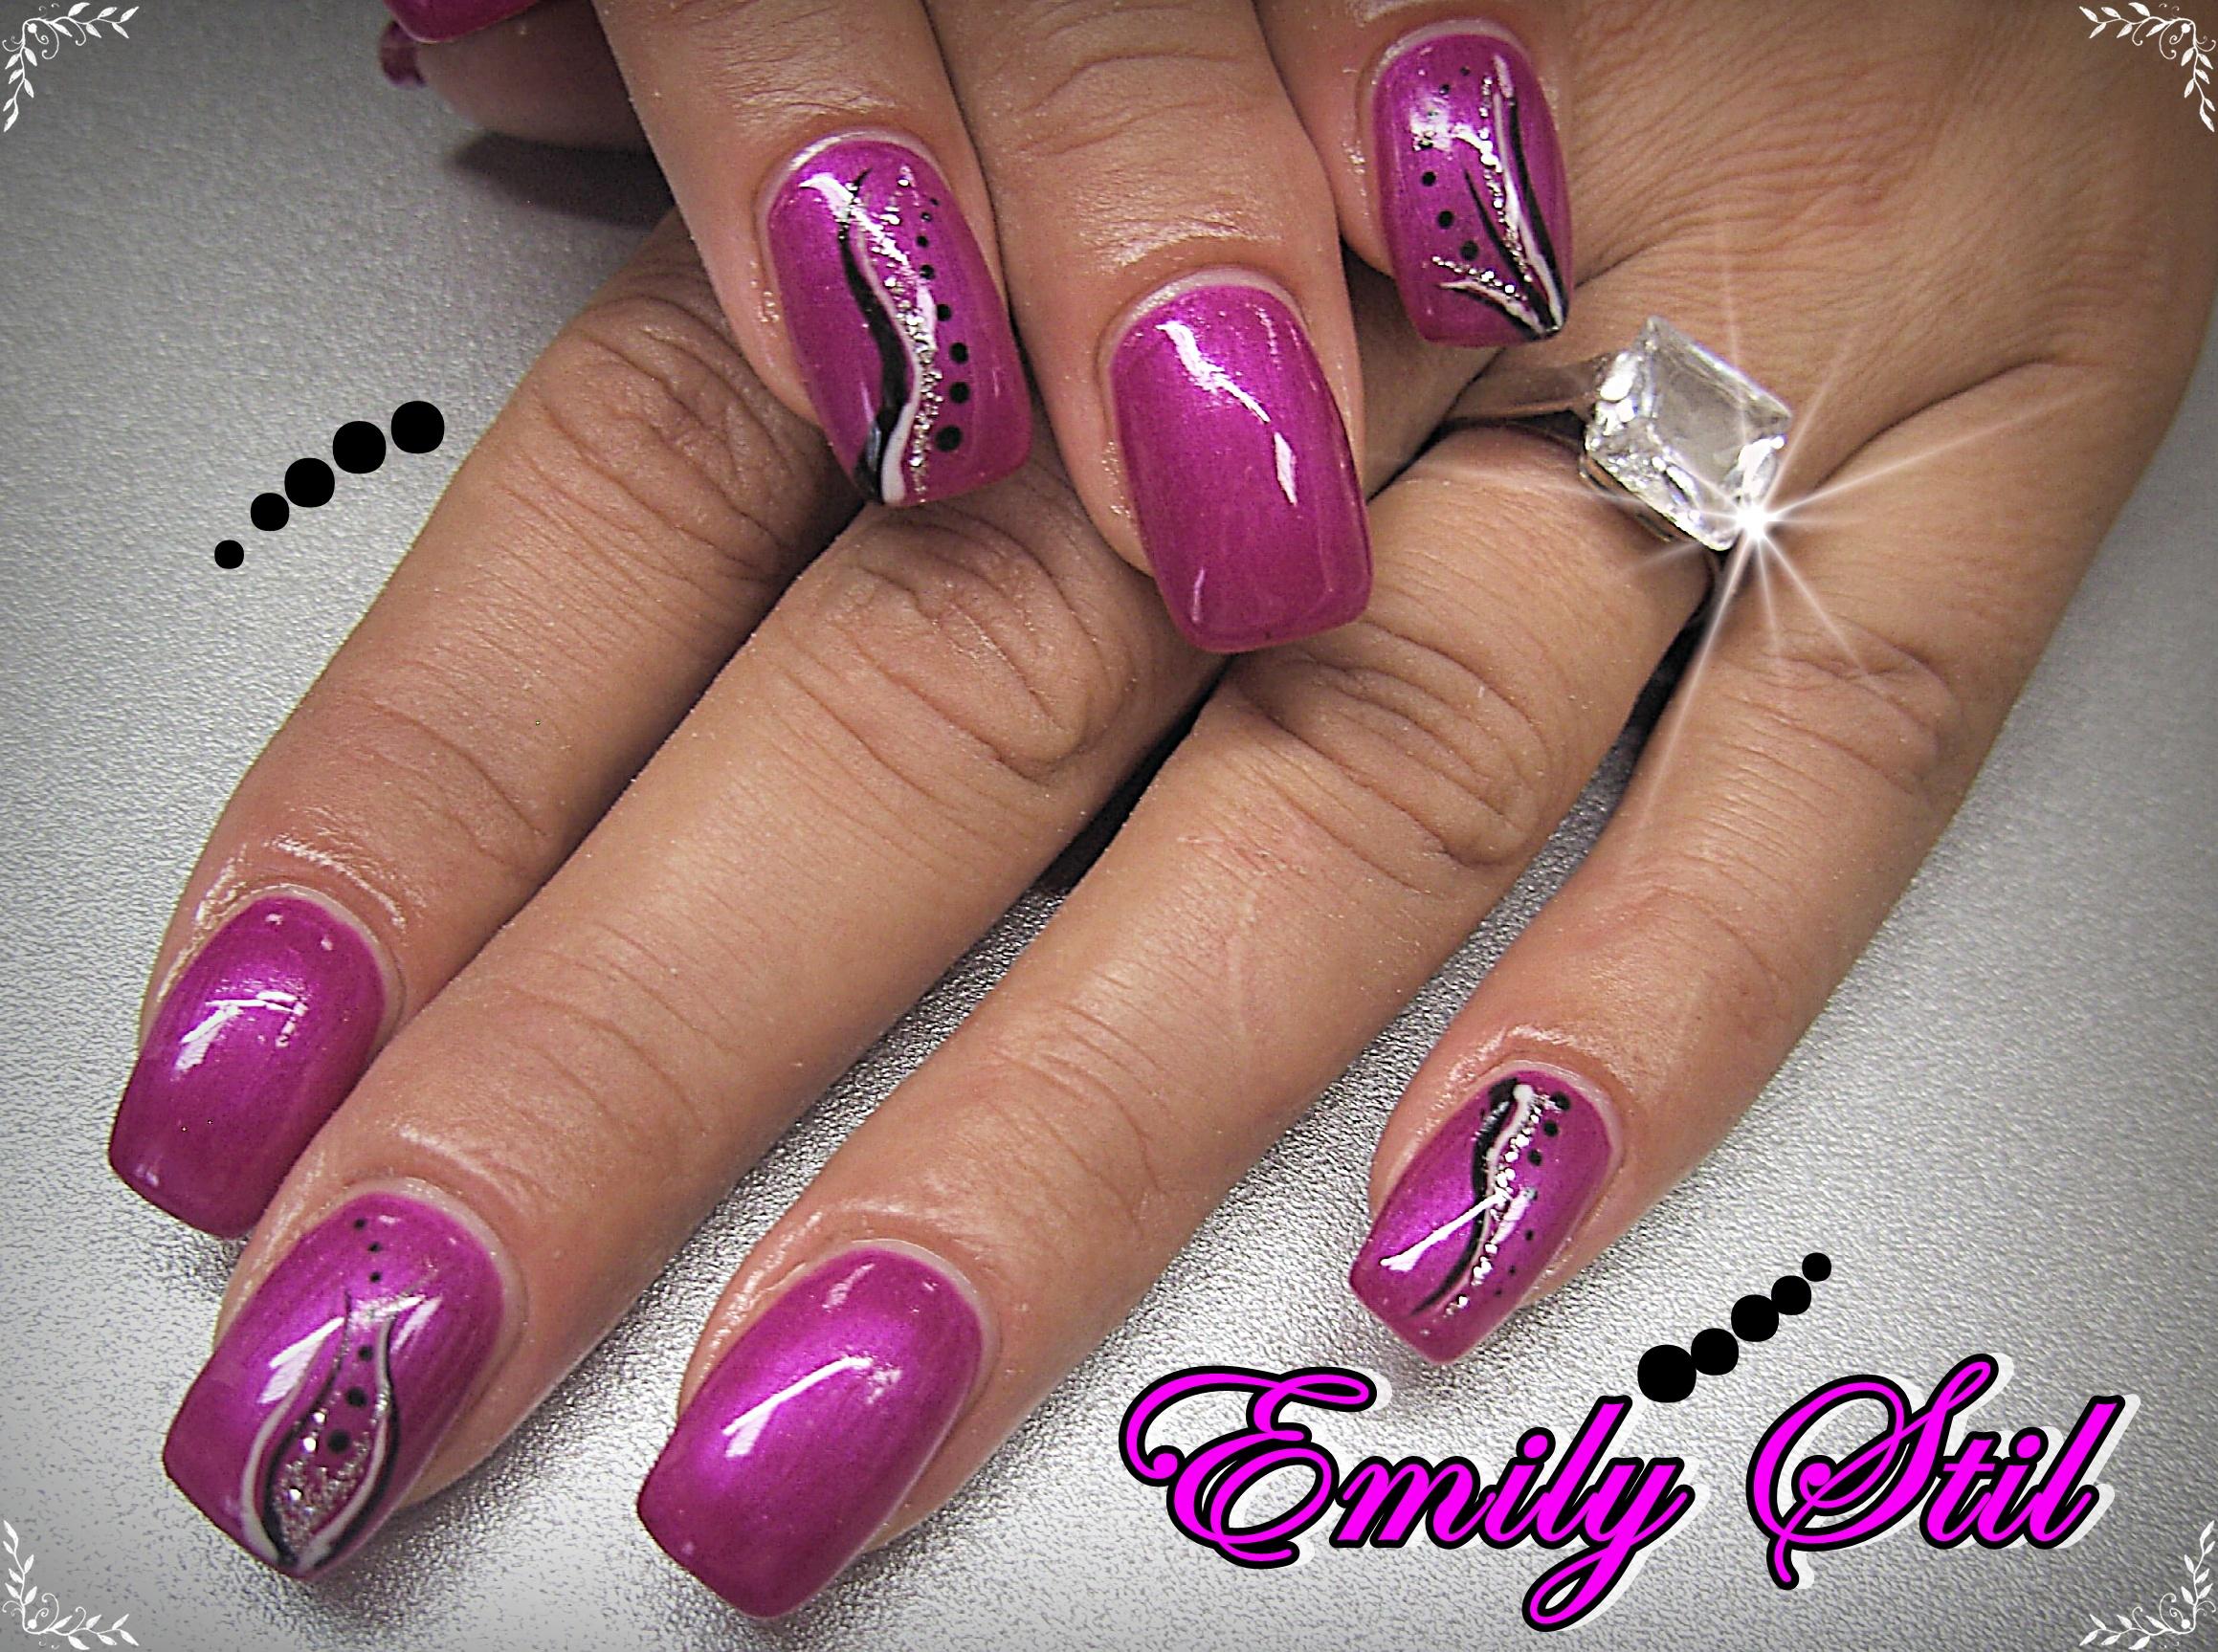 Manikura I Geliranje Emily Stil Kozmeticki Salon Split